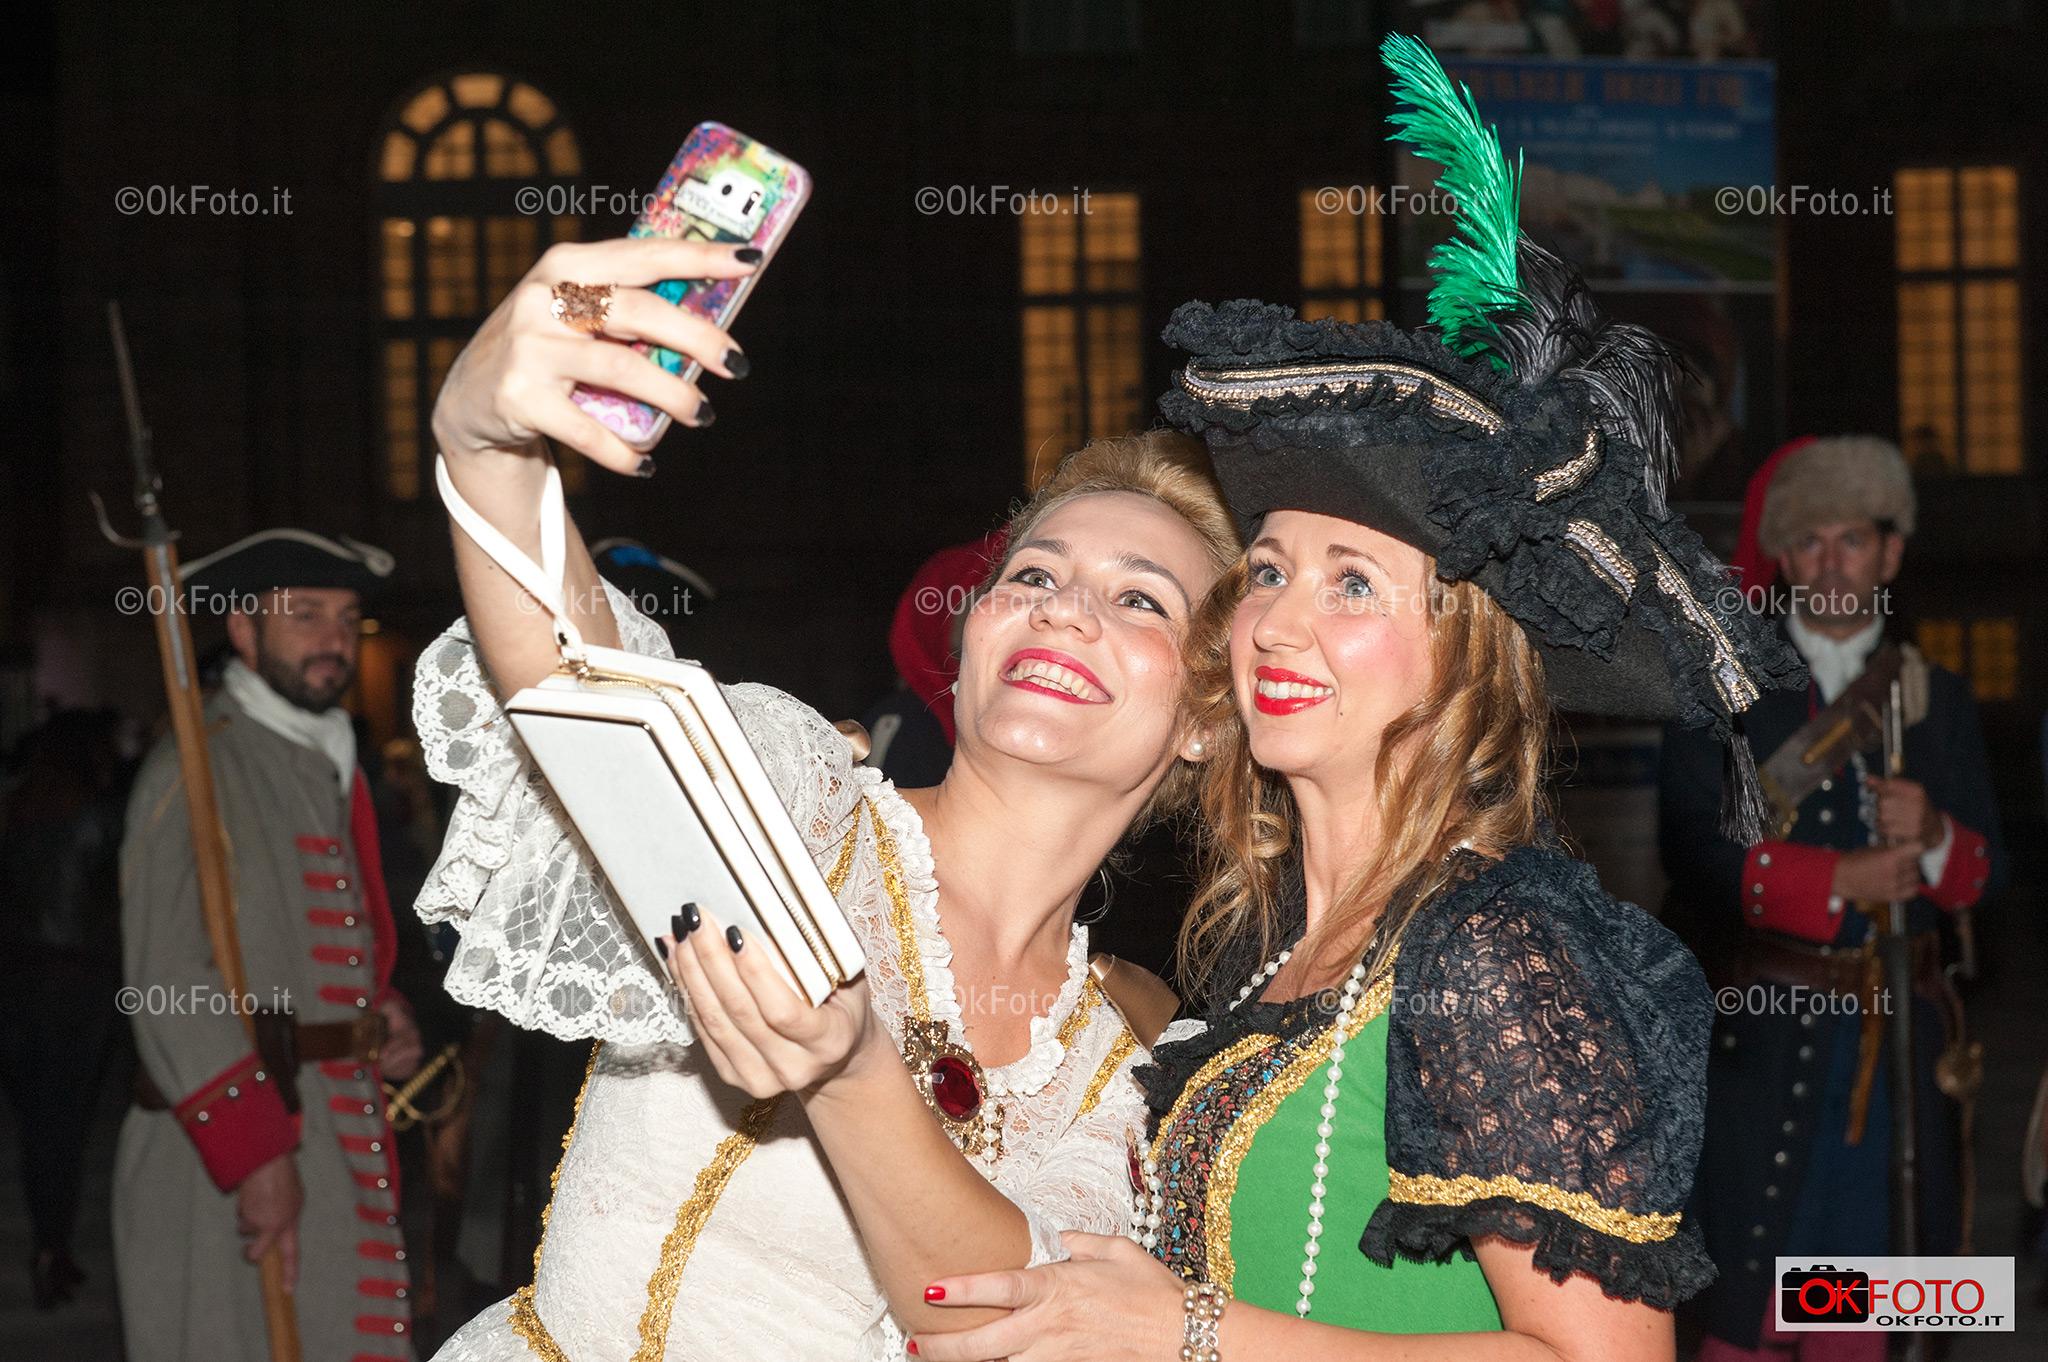 un selfie in costume del '700 prima della nuit-royale